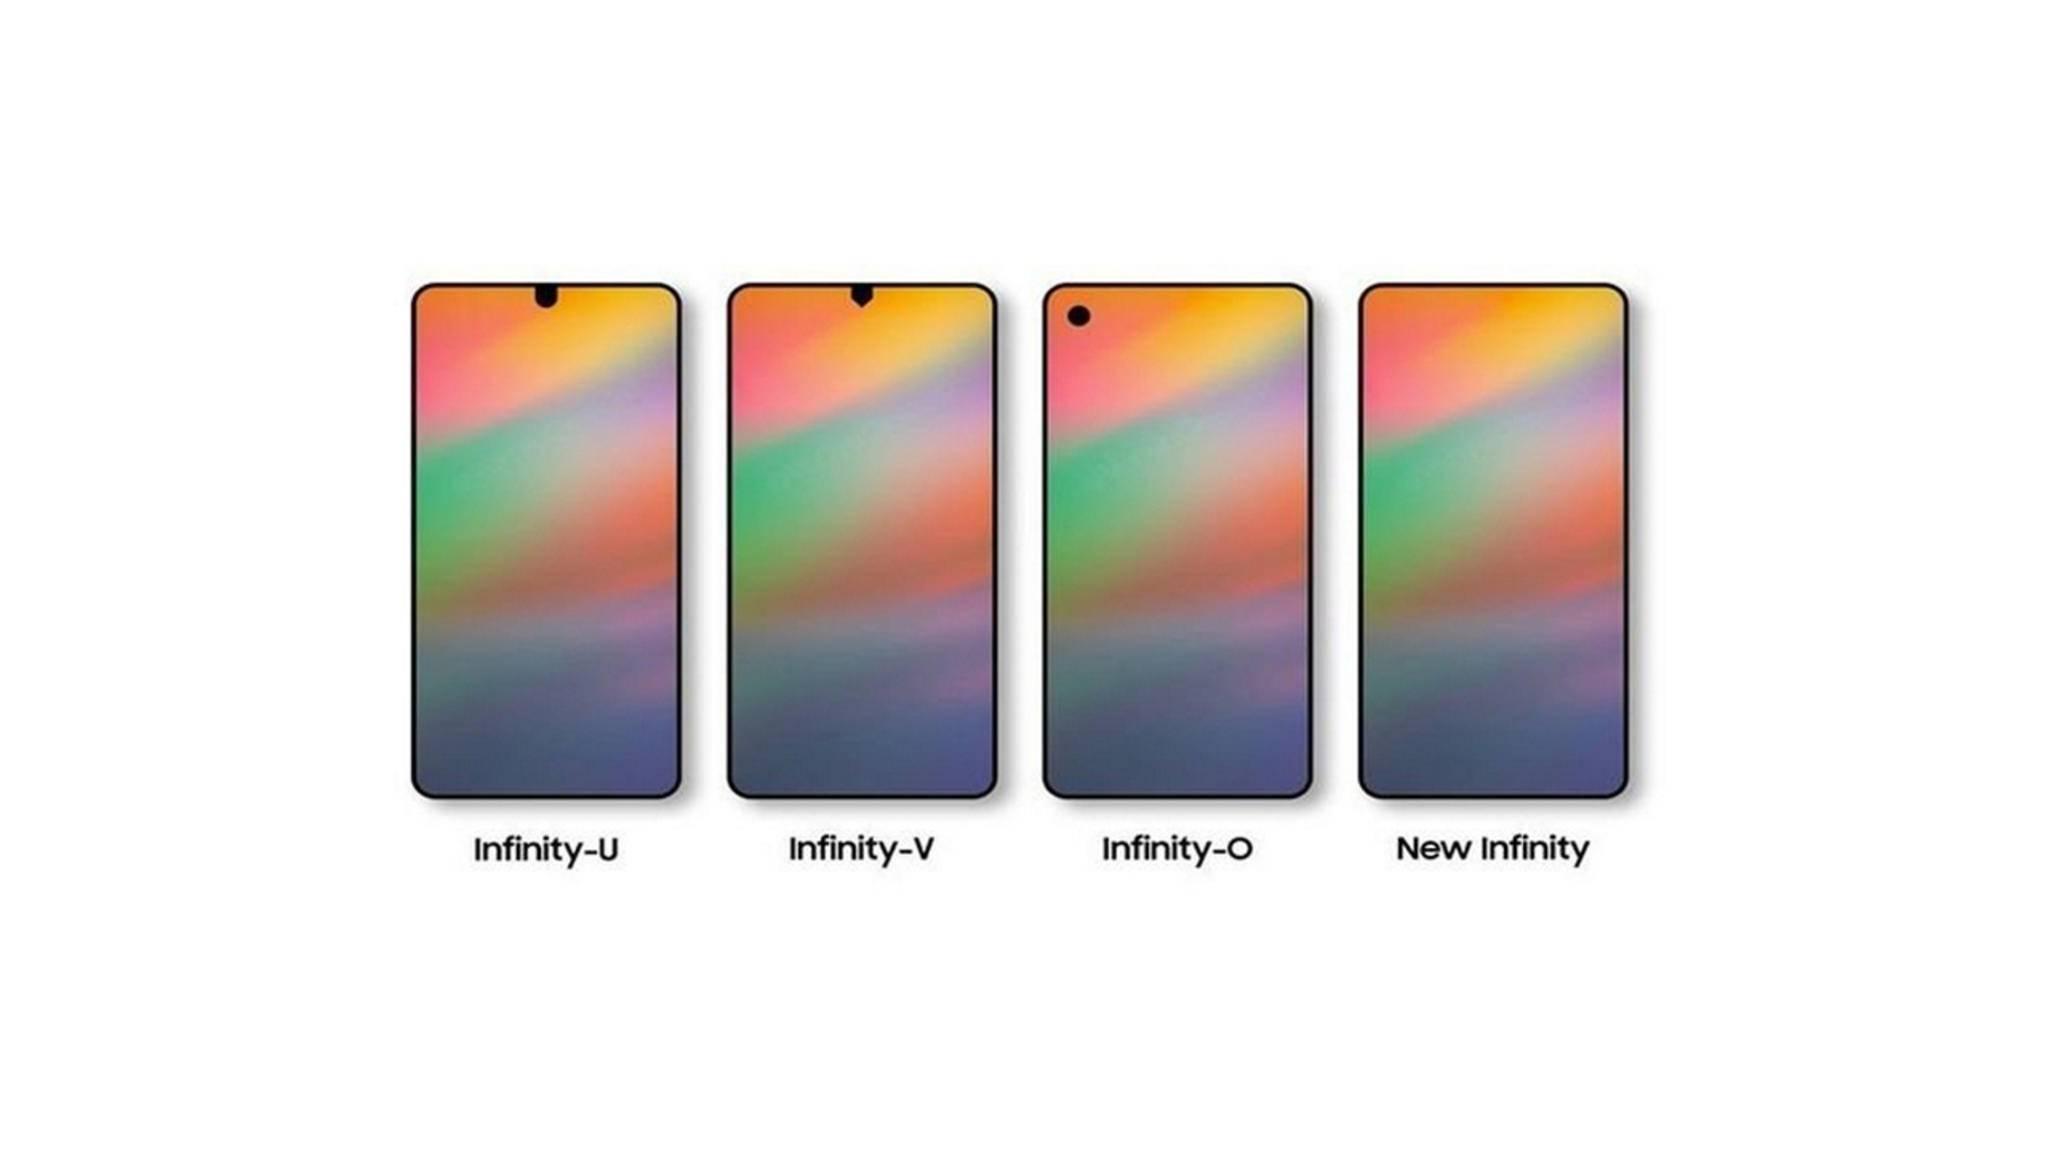 Das Galaxy A8s soll das erste Samsung-Smartphone mit Infinity-O-Display werden.